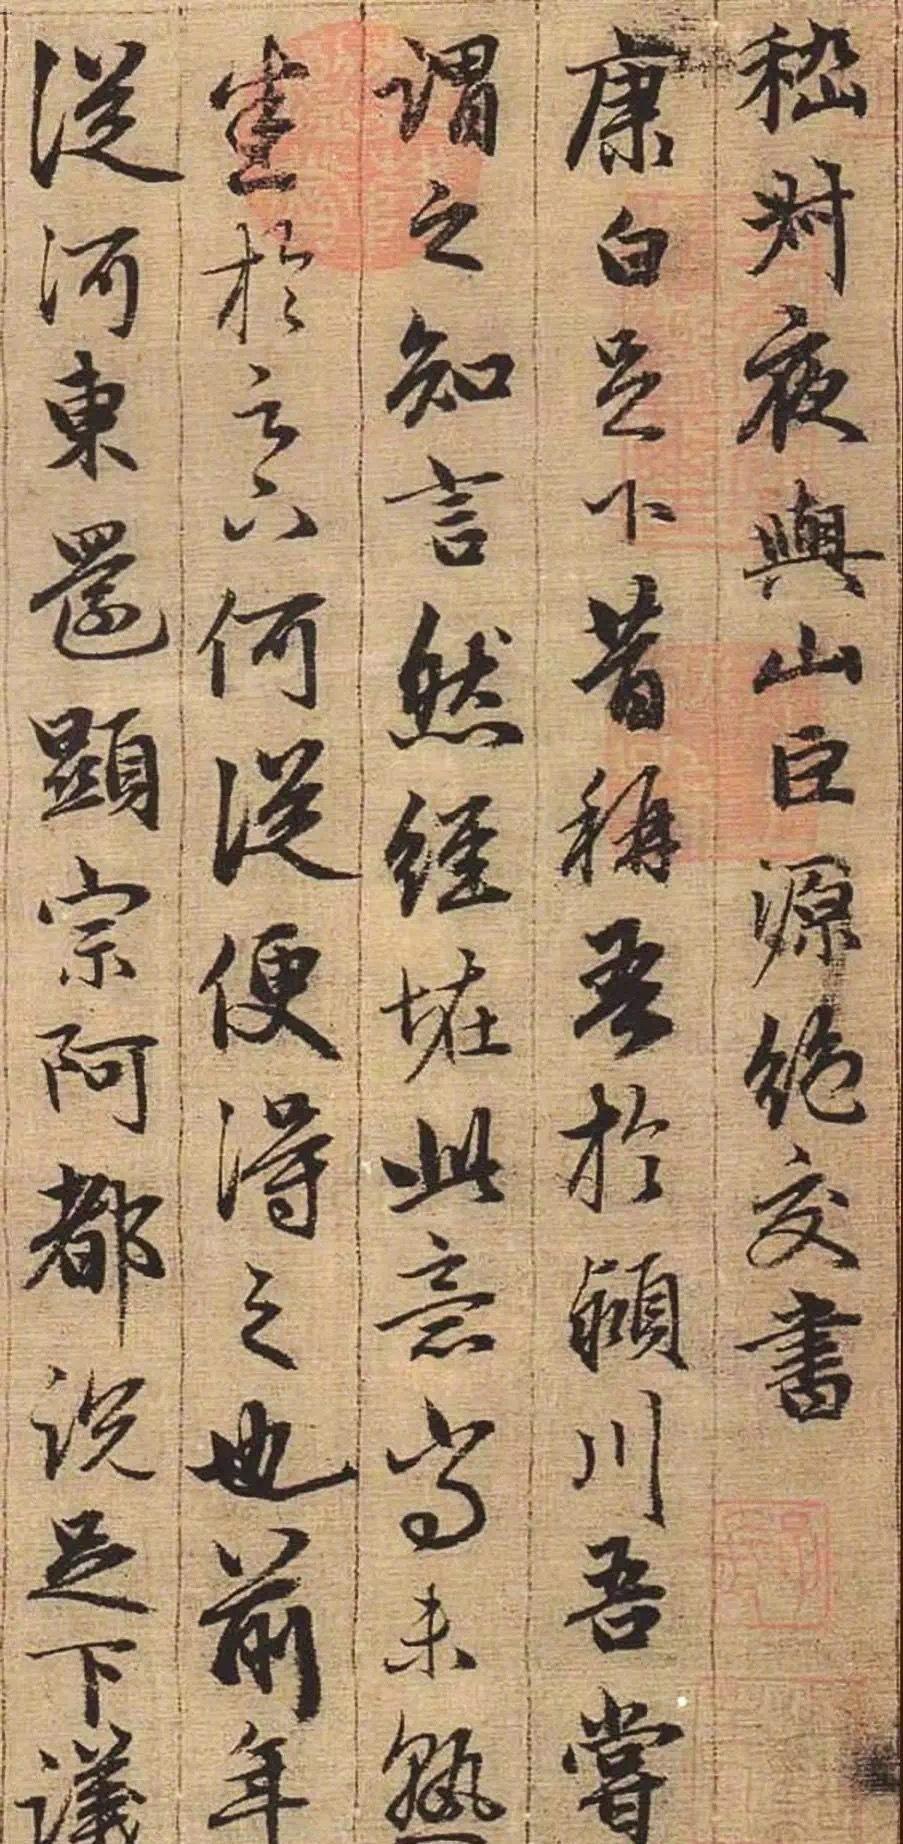 赵孟頫《稽叔夜与山巨源绝交书》这封信是嵇康听到山涛在由选曹郎调任